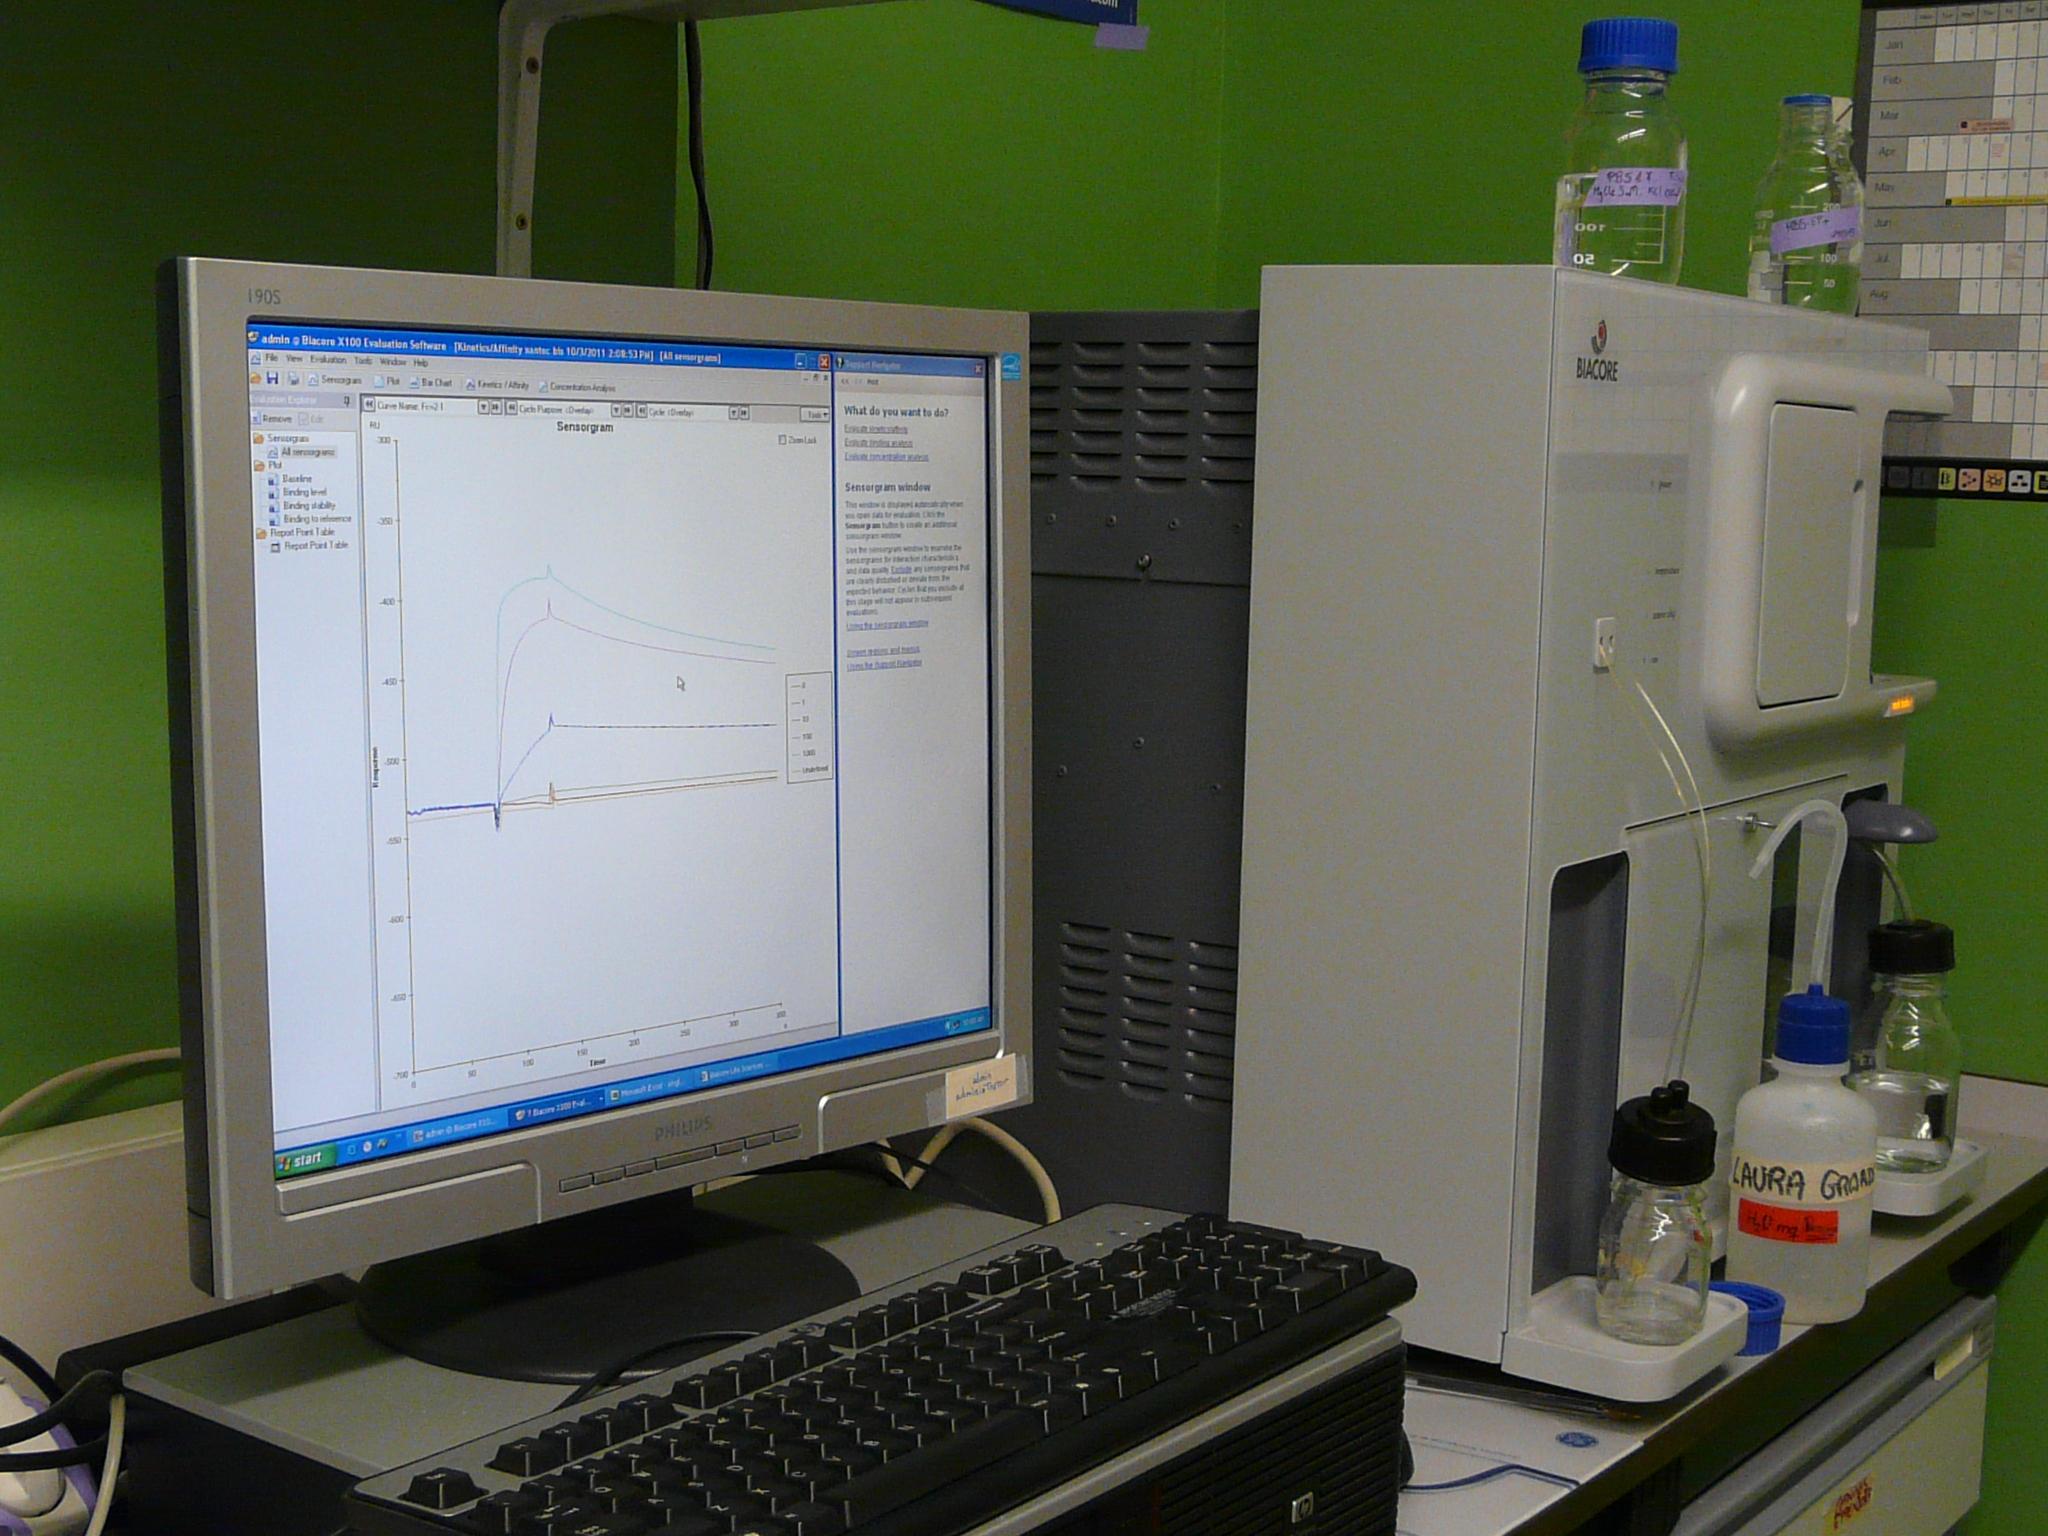 Equipo Biacore X100 para análisis de interacciones moleculares